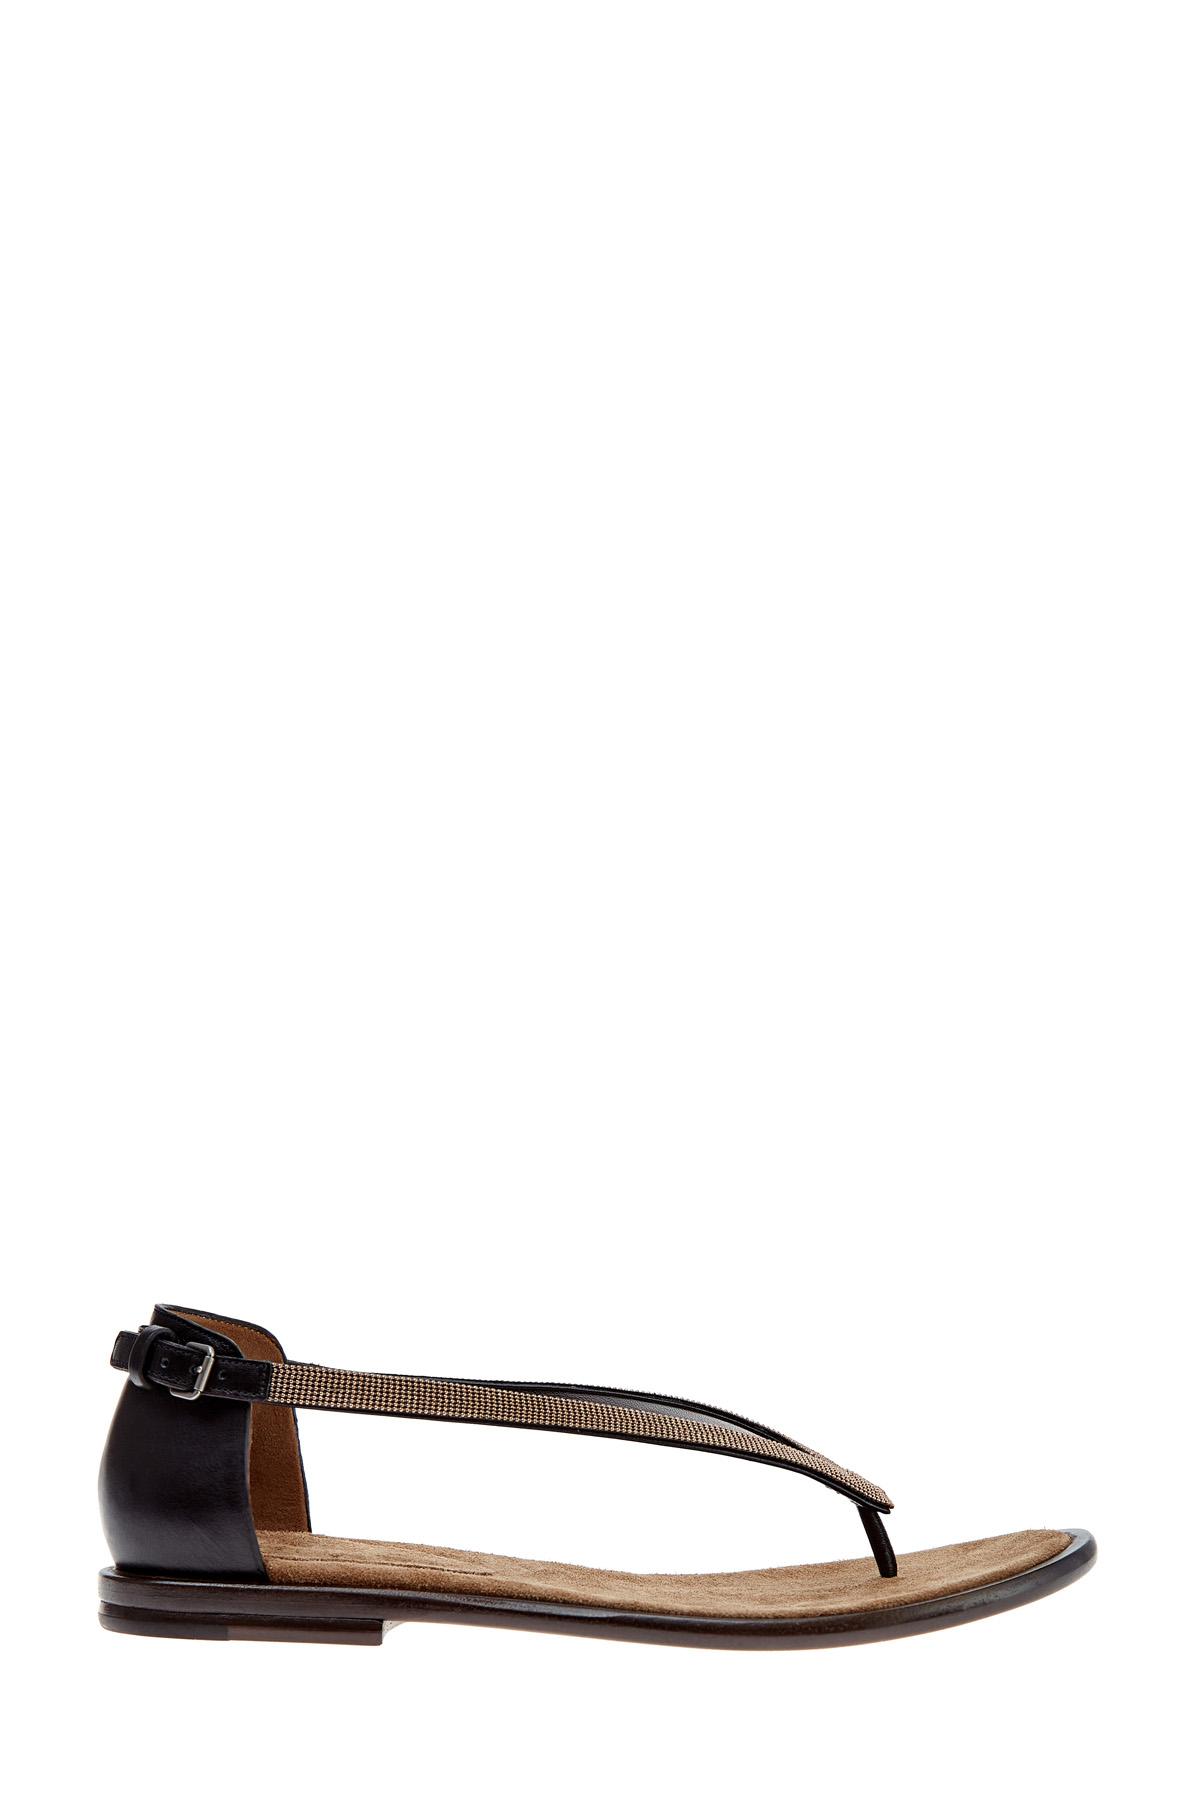 Сандалии на низком ходу с ремешками ручной работы и вышивкой Мониль